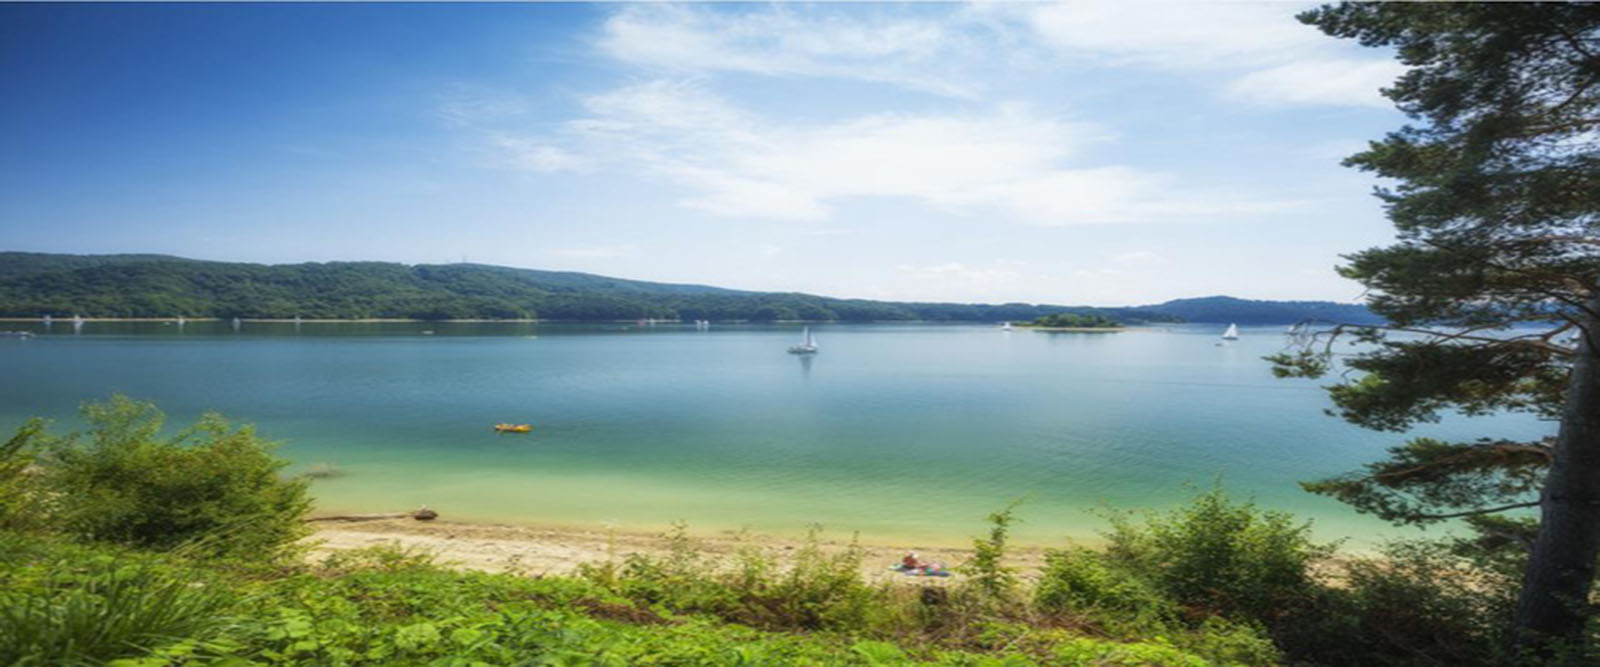 Công viên Hồ điều hòa